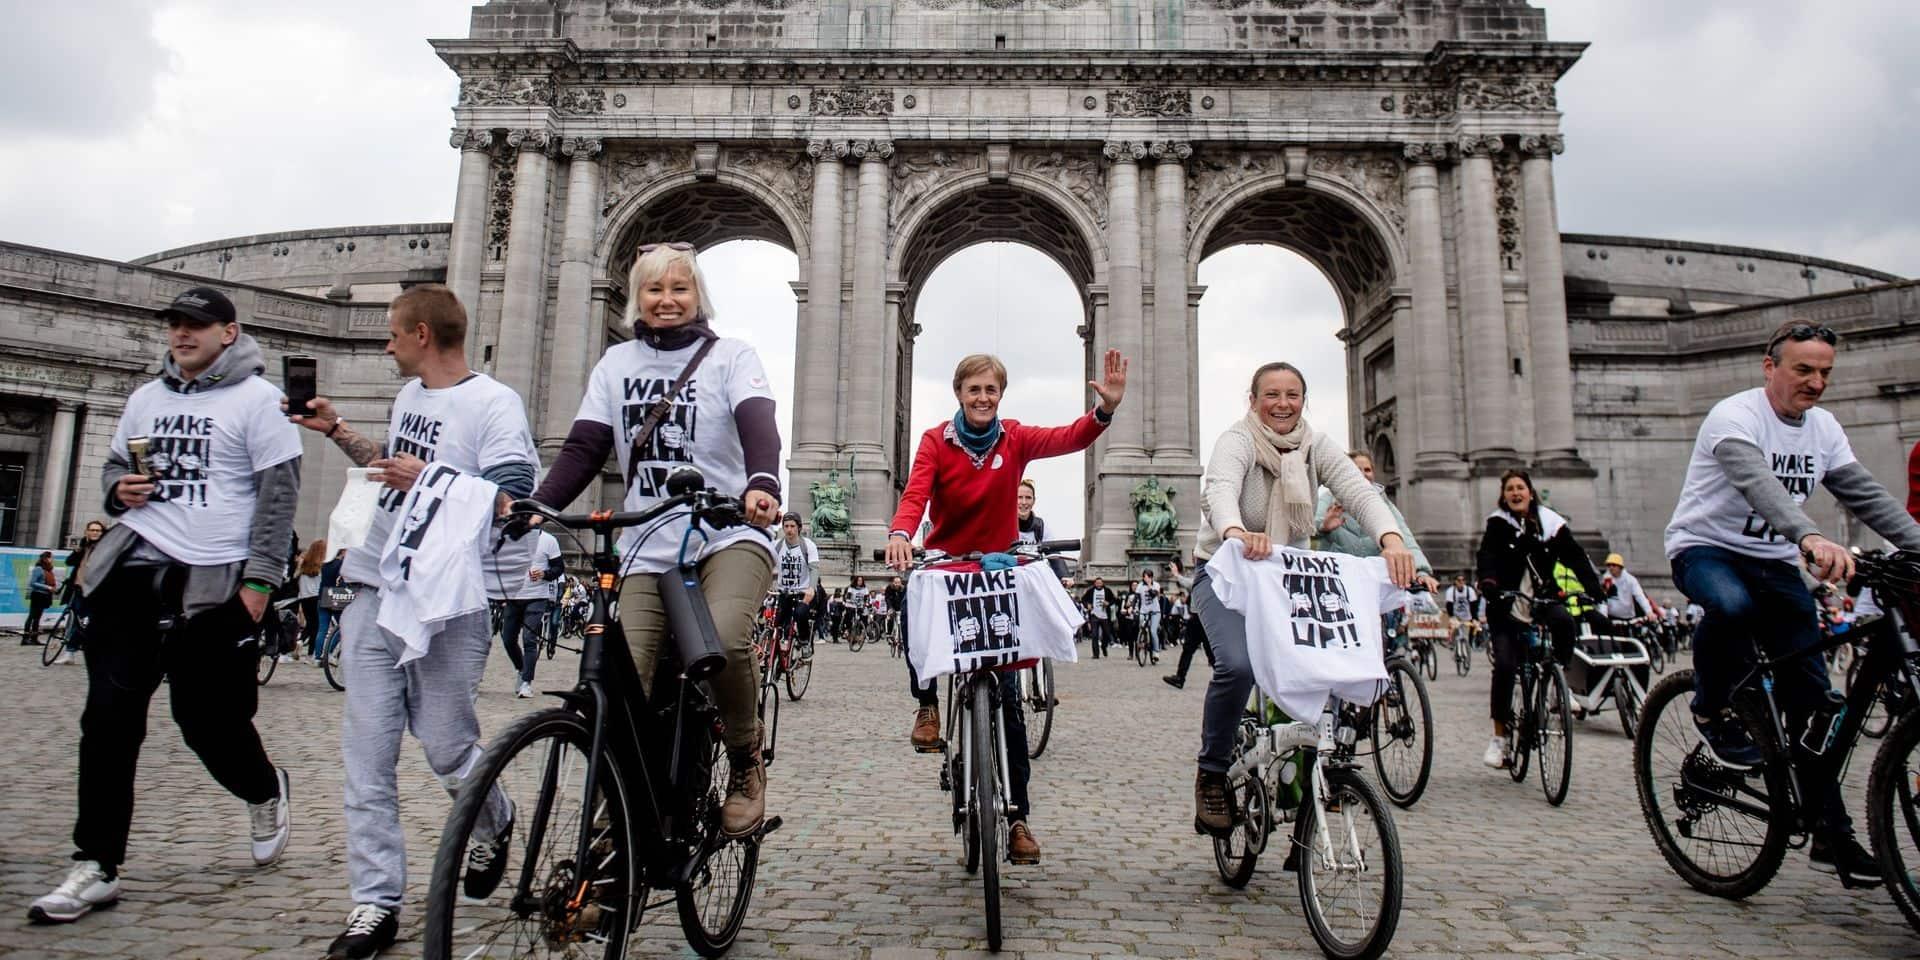 À bicyclette, les manifestants de Cycle for Freedom démarrent du Parc Cinquantenaire